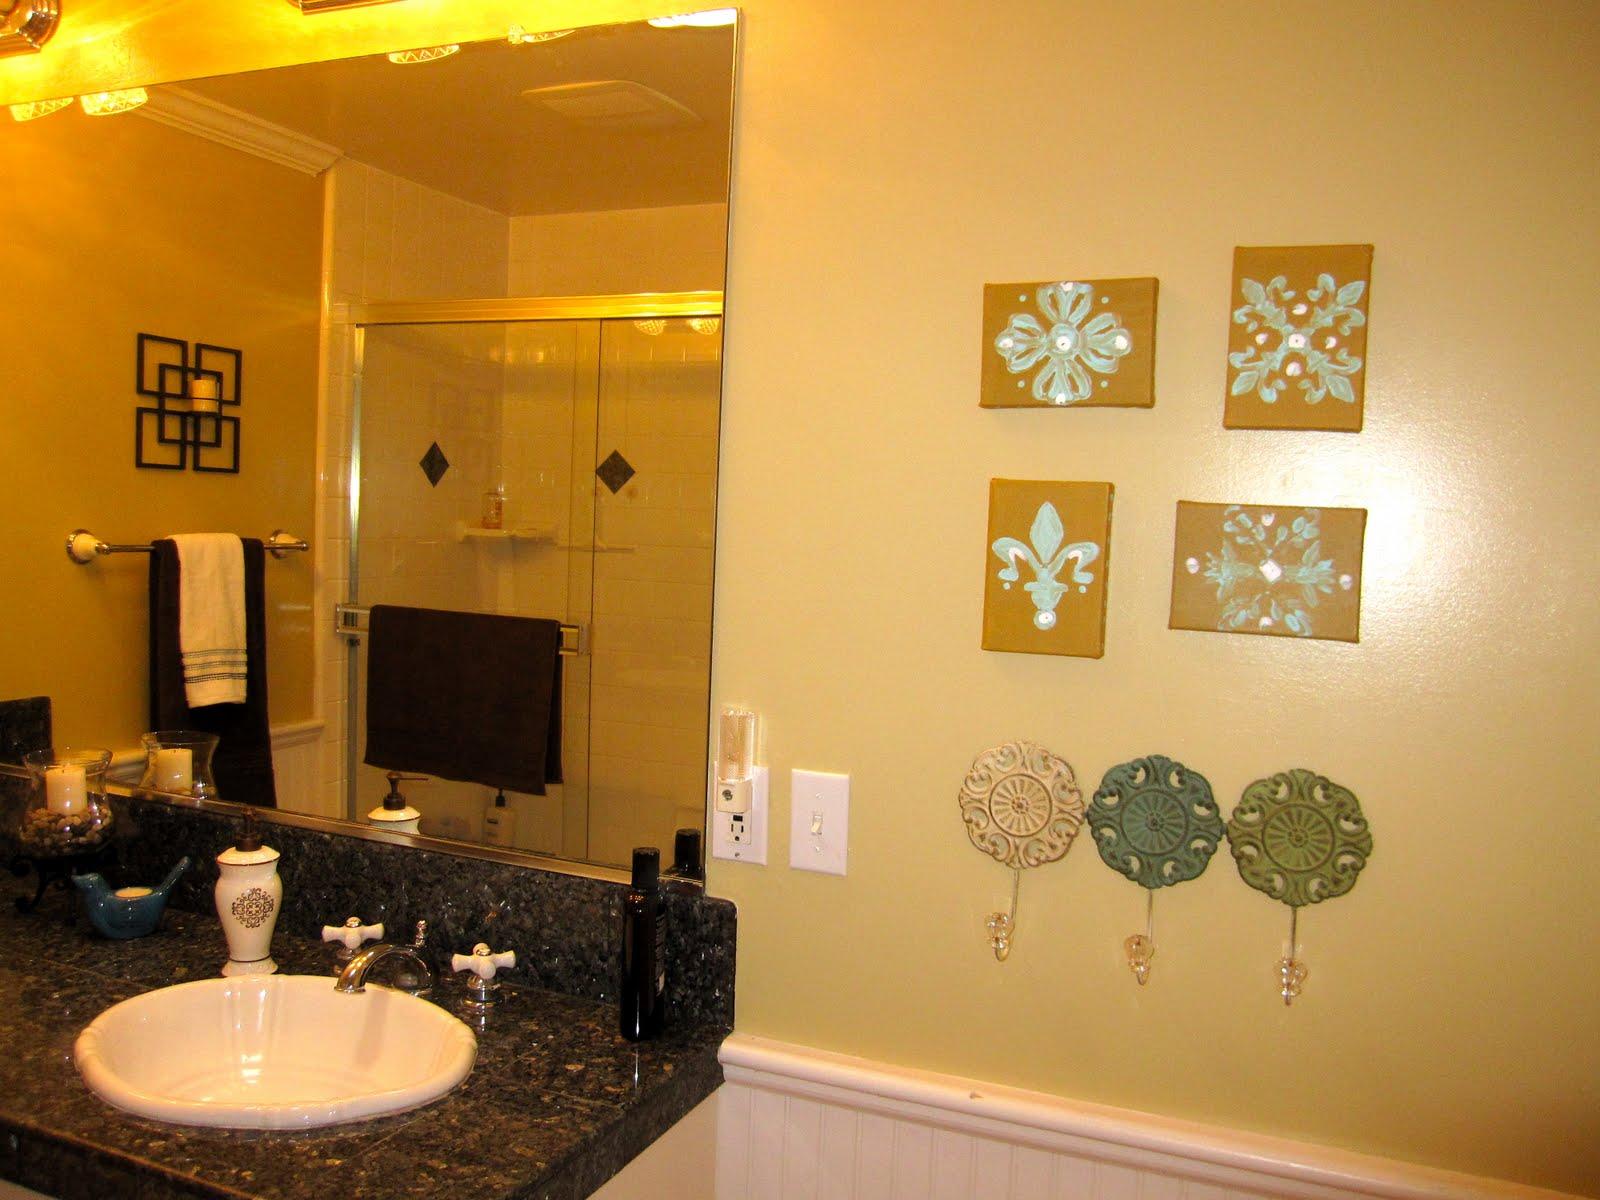 Wallpaper is a Goner! - Michaela Noelle Designs